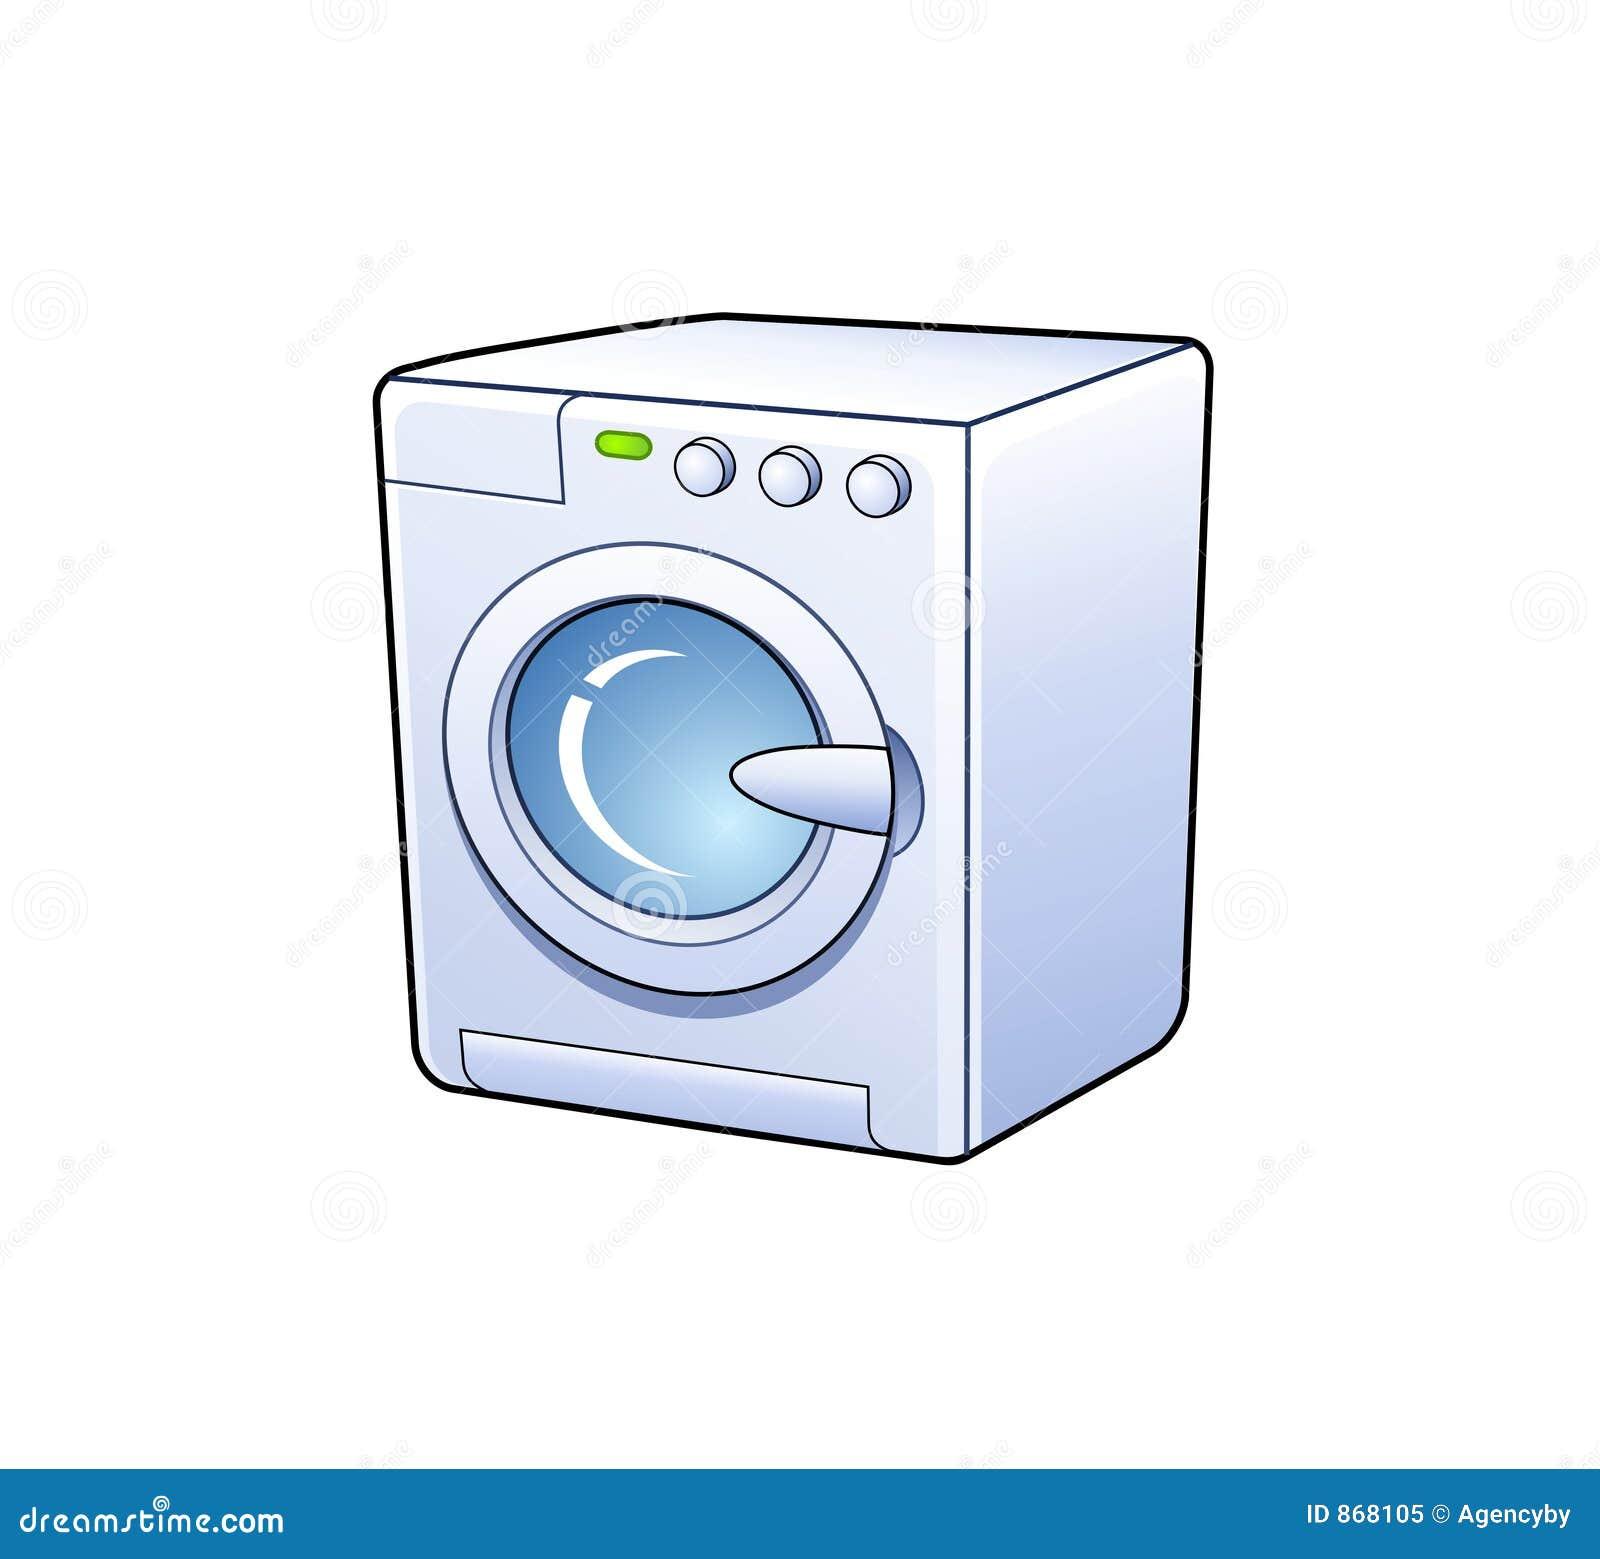 Icona della lavatrice